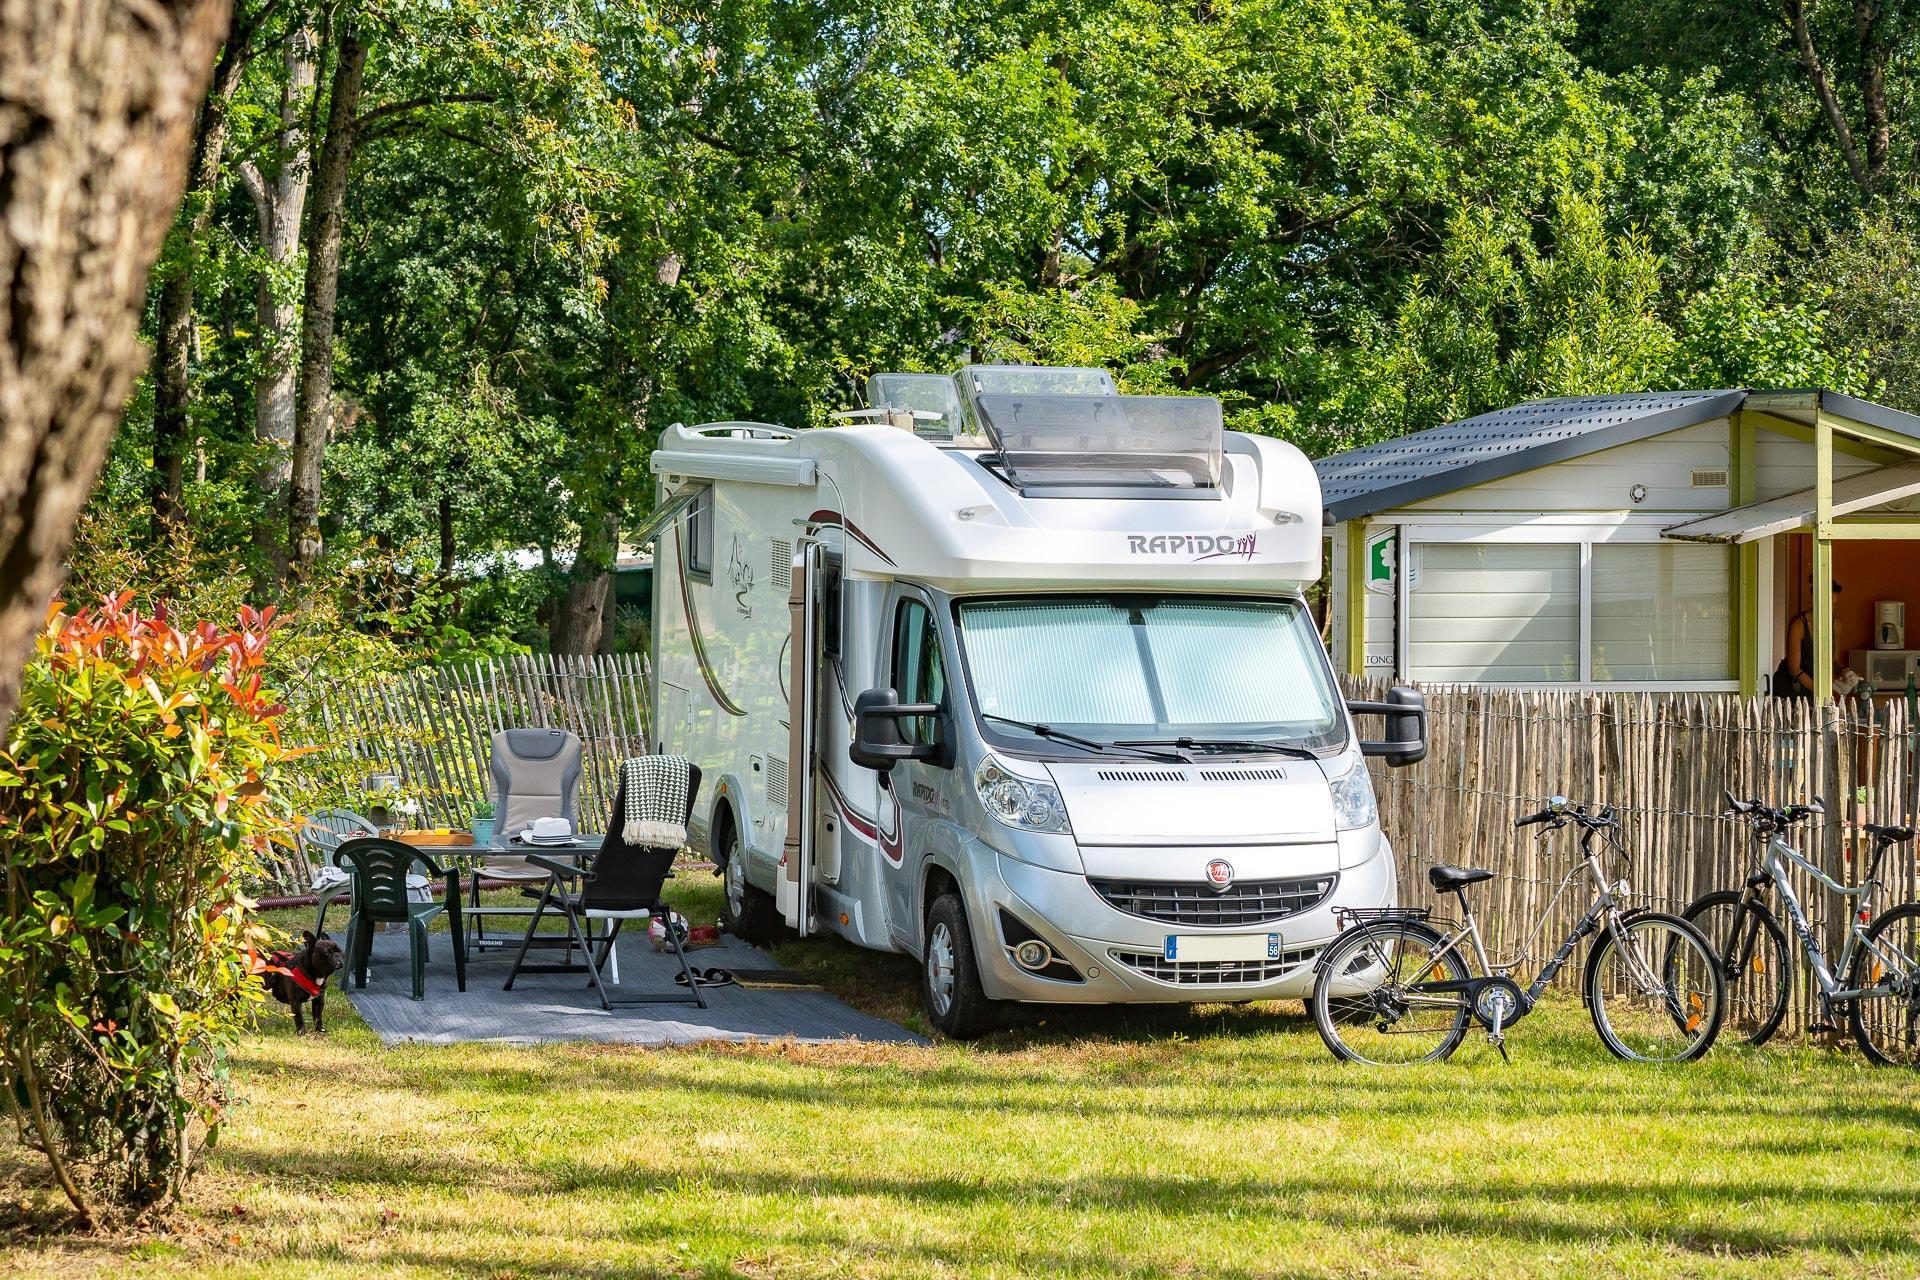 Emplacement - Forfait ** - Camping Sandaya Le Moulin de l'Eclis